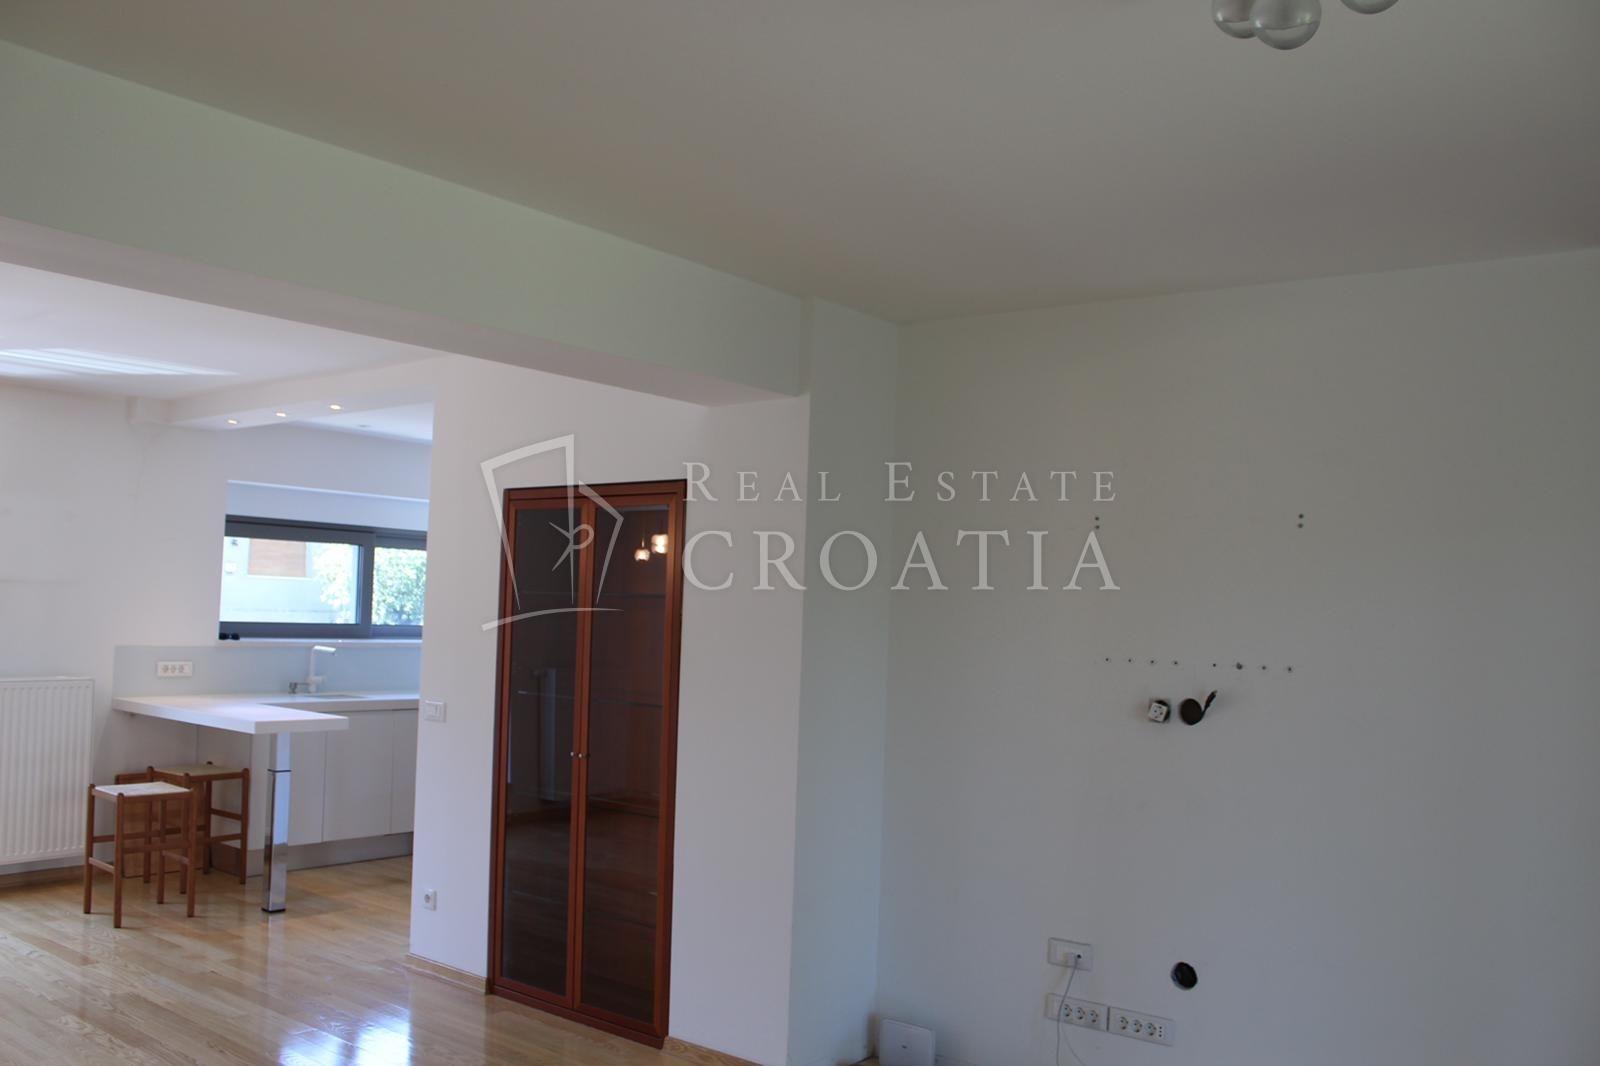 Maksimir-luksuzna novorenovirana kuća 270m2 sa vrtom 550m2 za prodaju u blizini Maksimirske šume, Bukovačka cesta